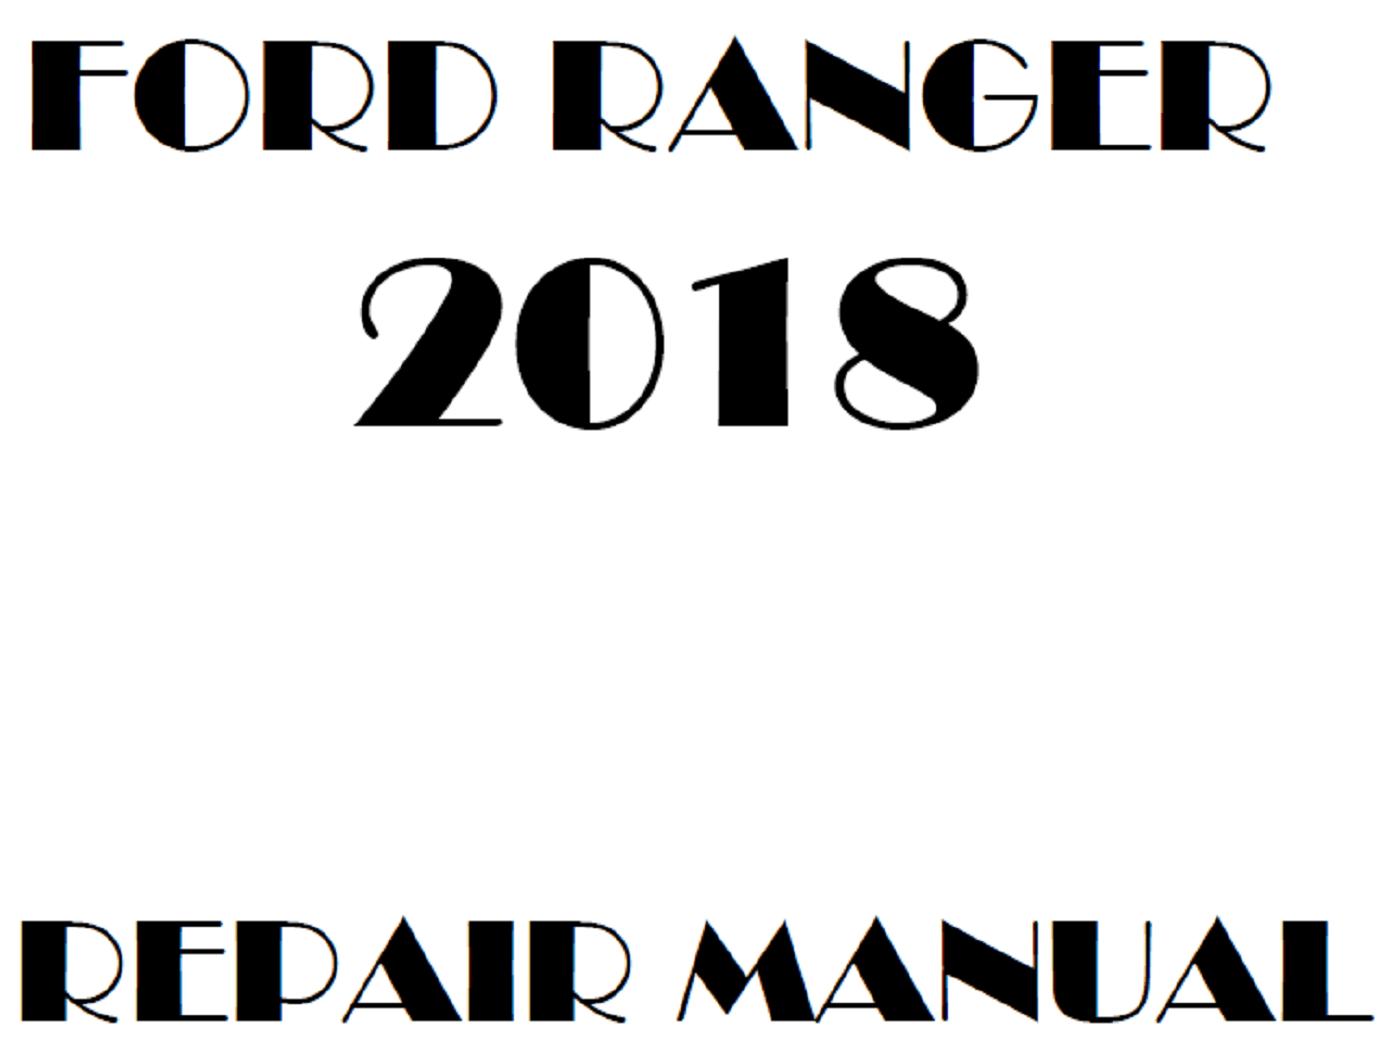 2018 Ford Ranger repair manual